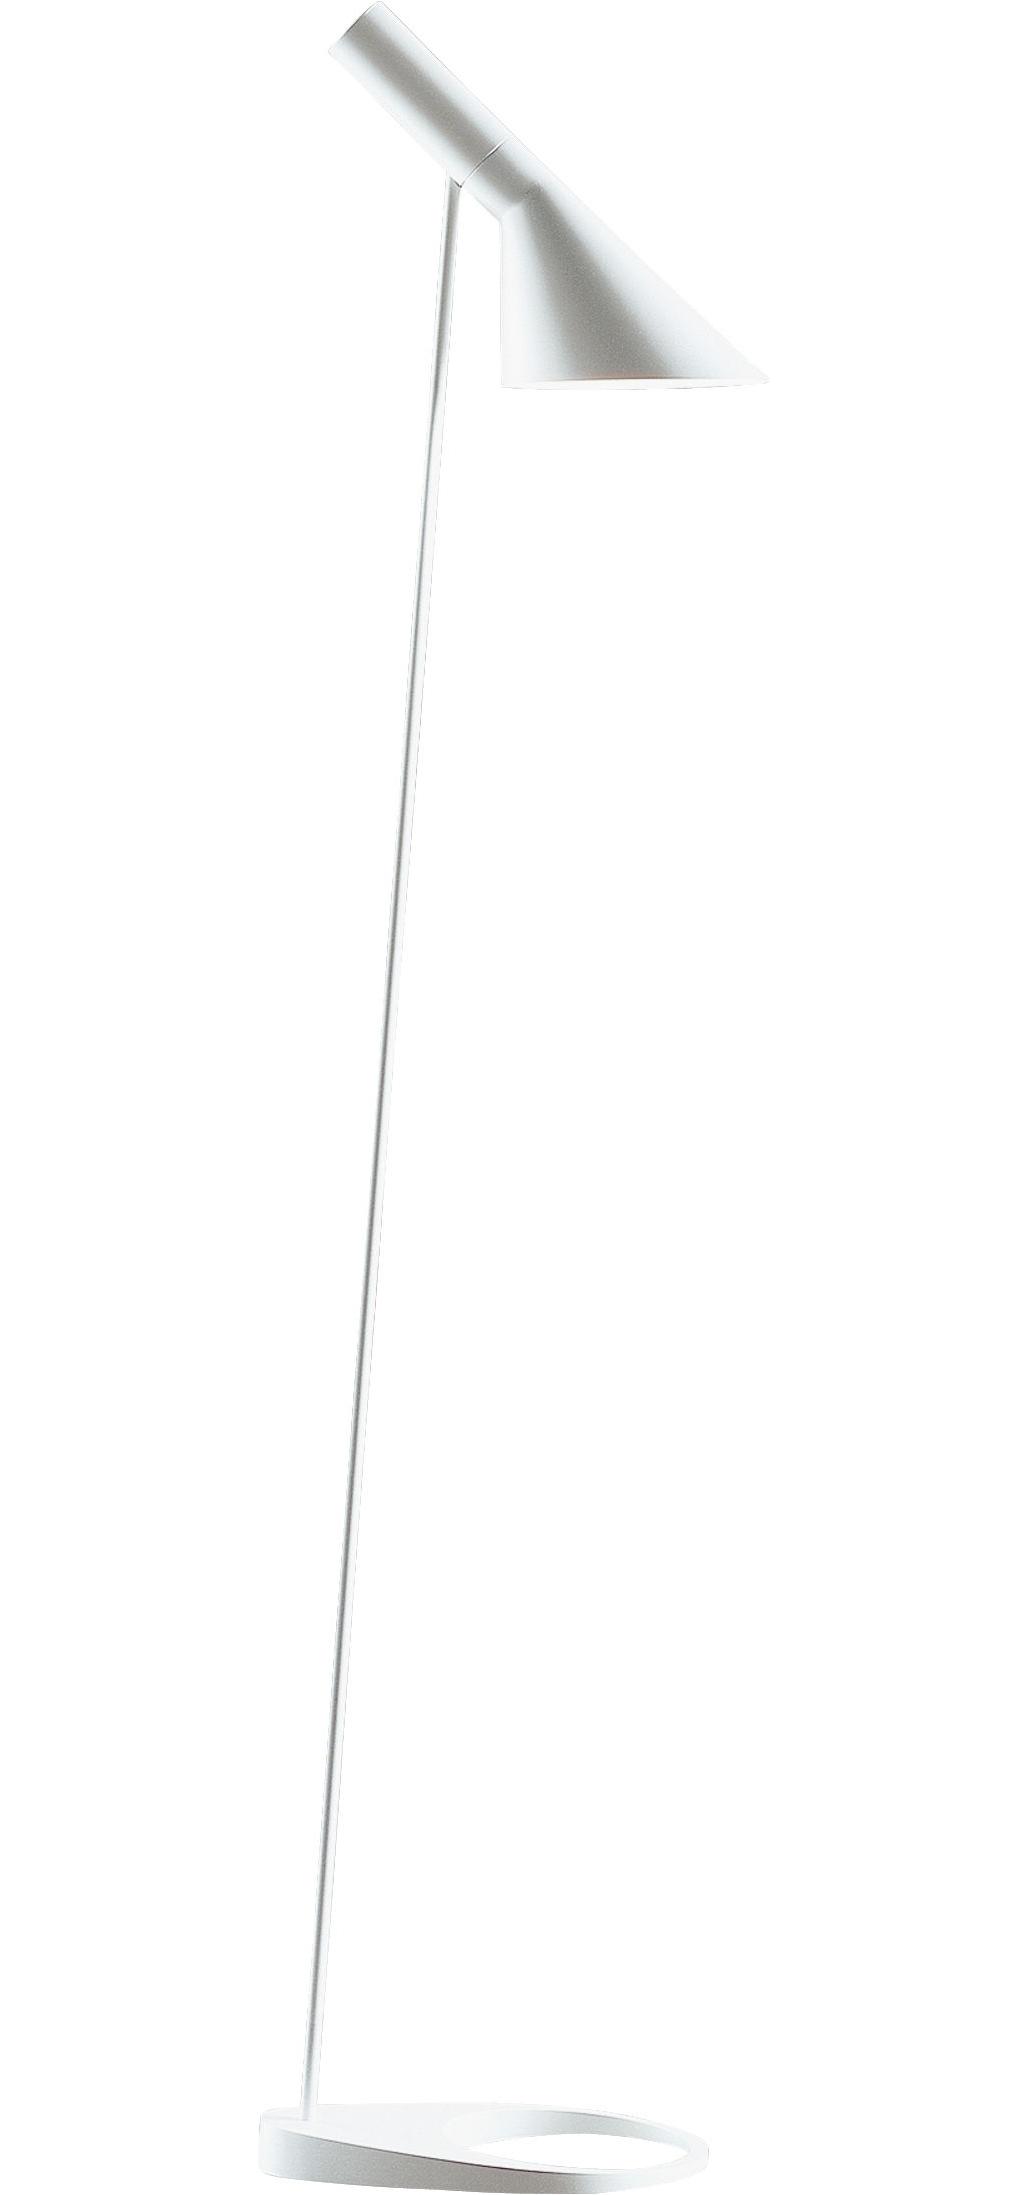 Leuchten - Stehleuchten - AJ Stehleuchte / H 130 cm - Louis Poulsen - Weiß - Fonte de zinc, Stahl